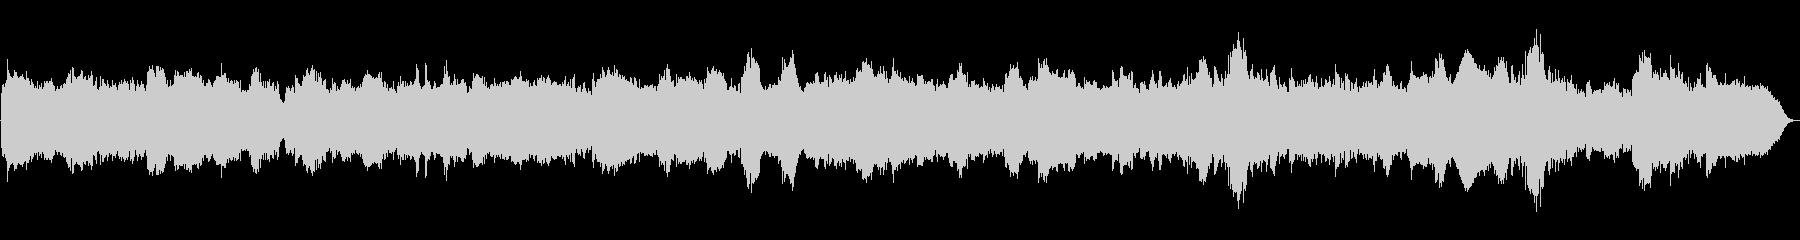 バロック調のクラリネットアンサンブルですの未再生の波形